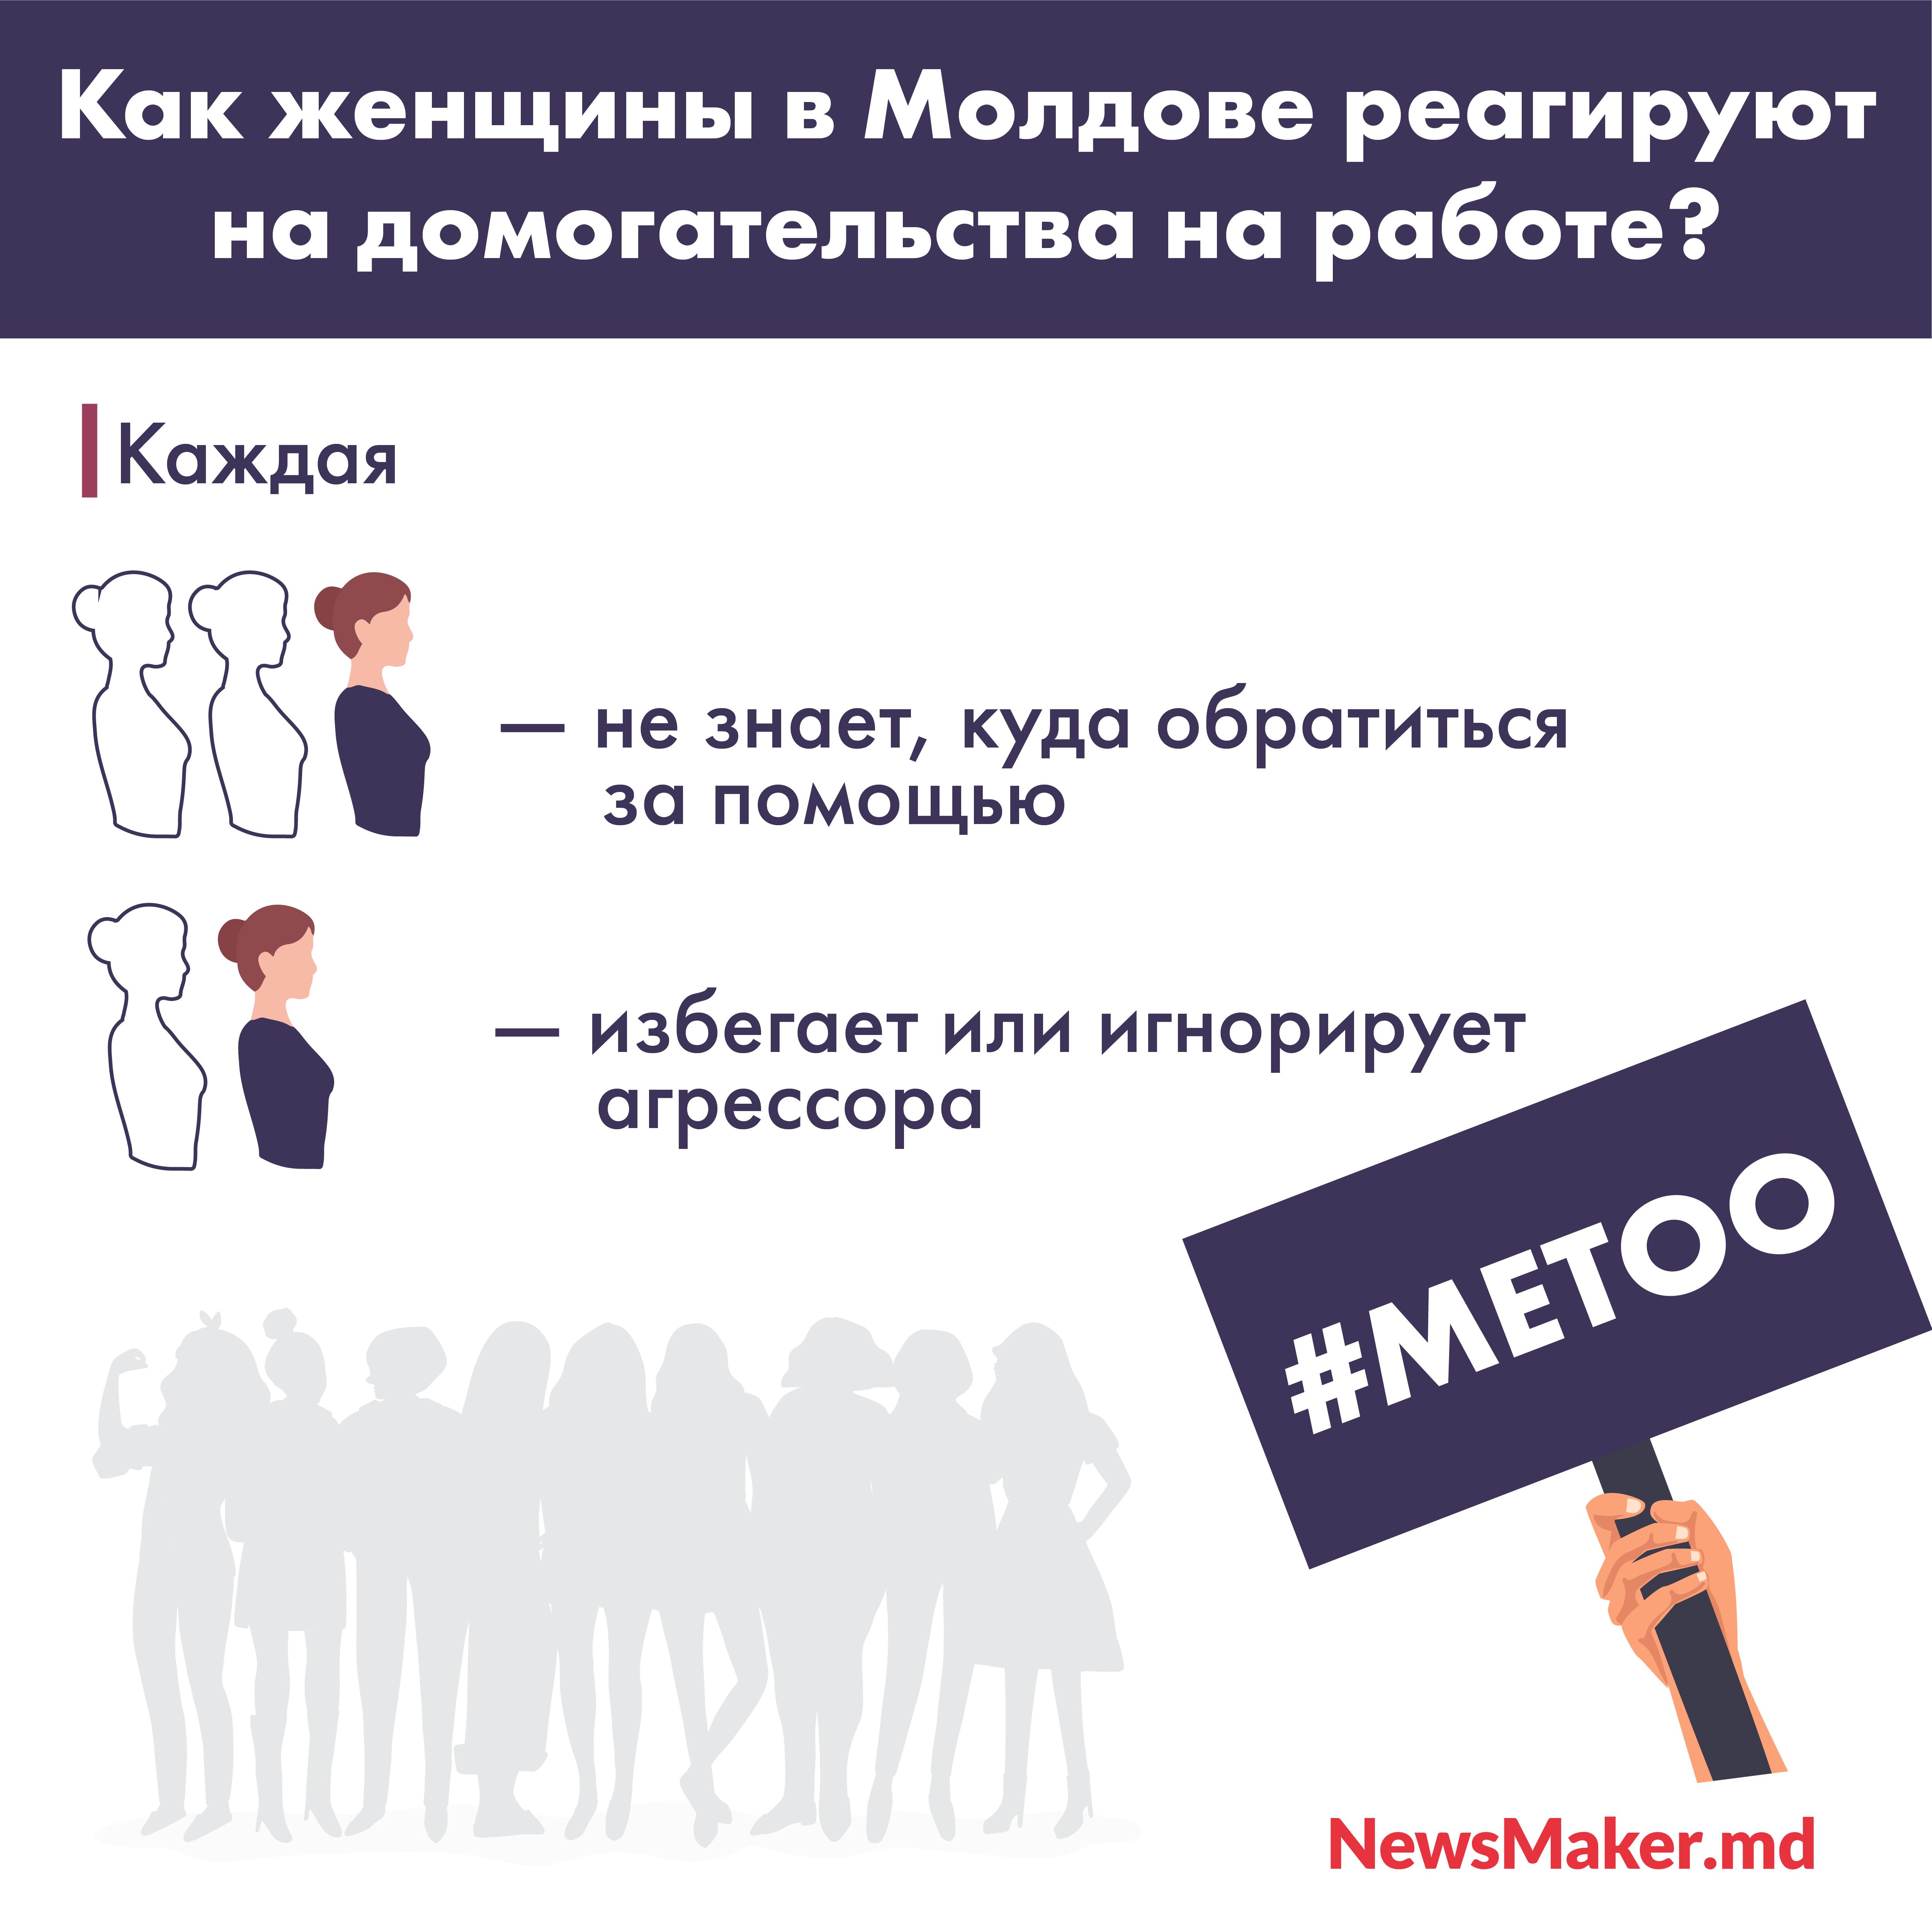 В Молдове нет харассмента? Почему у нас никто не жалуется на сексуальные домогательства на работе